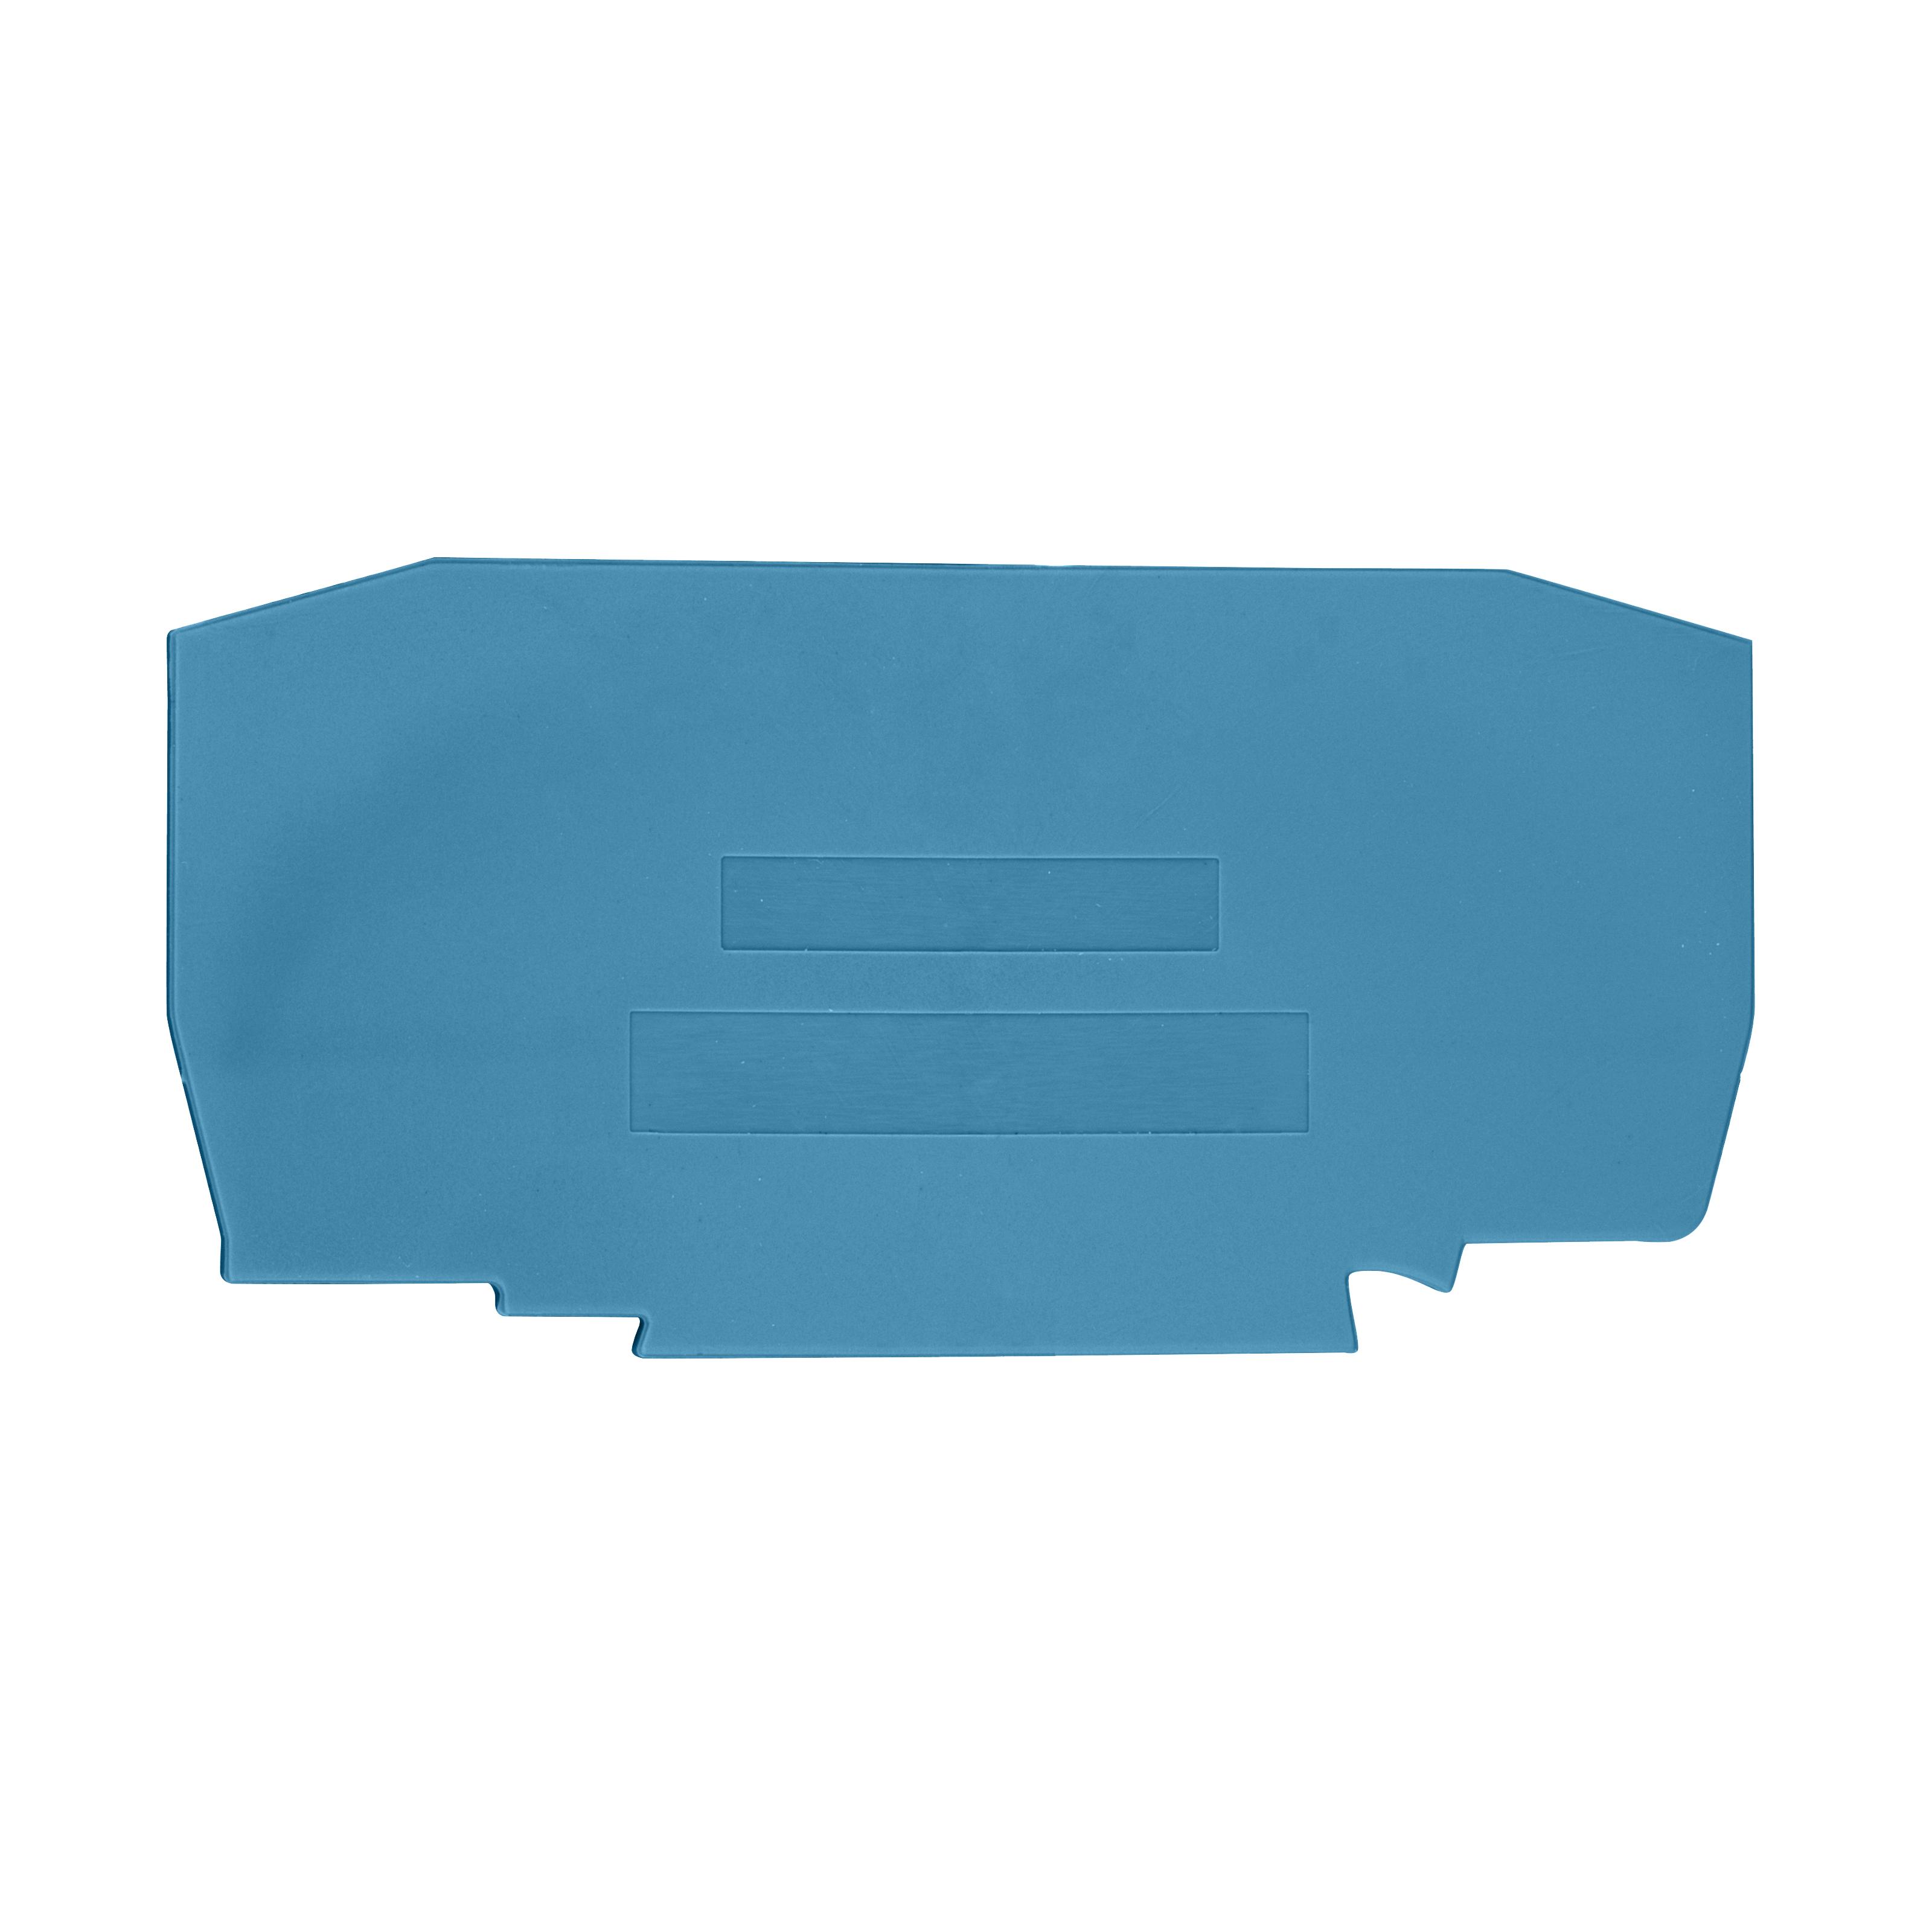 Cleme sir-conexiune elastica IK631840